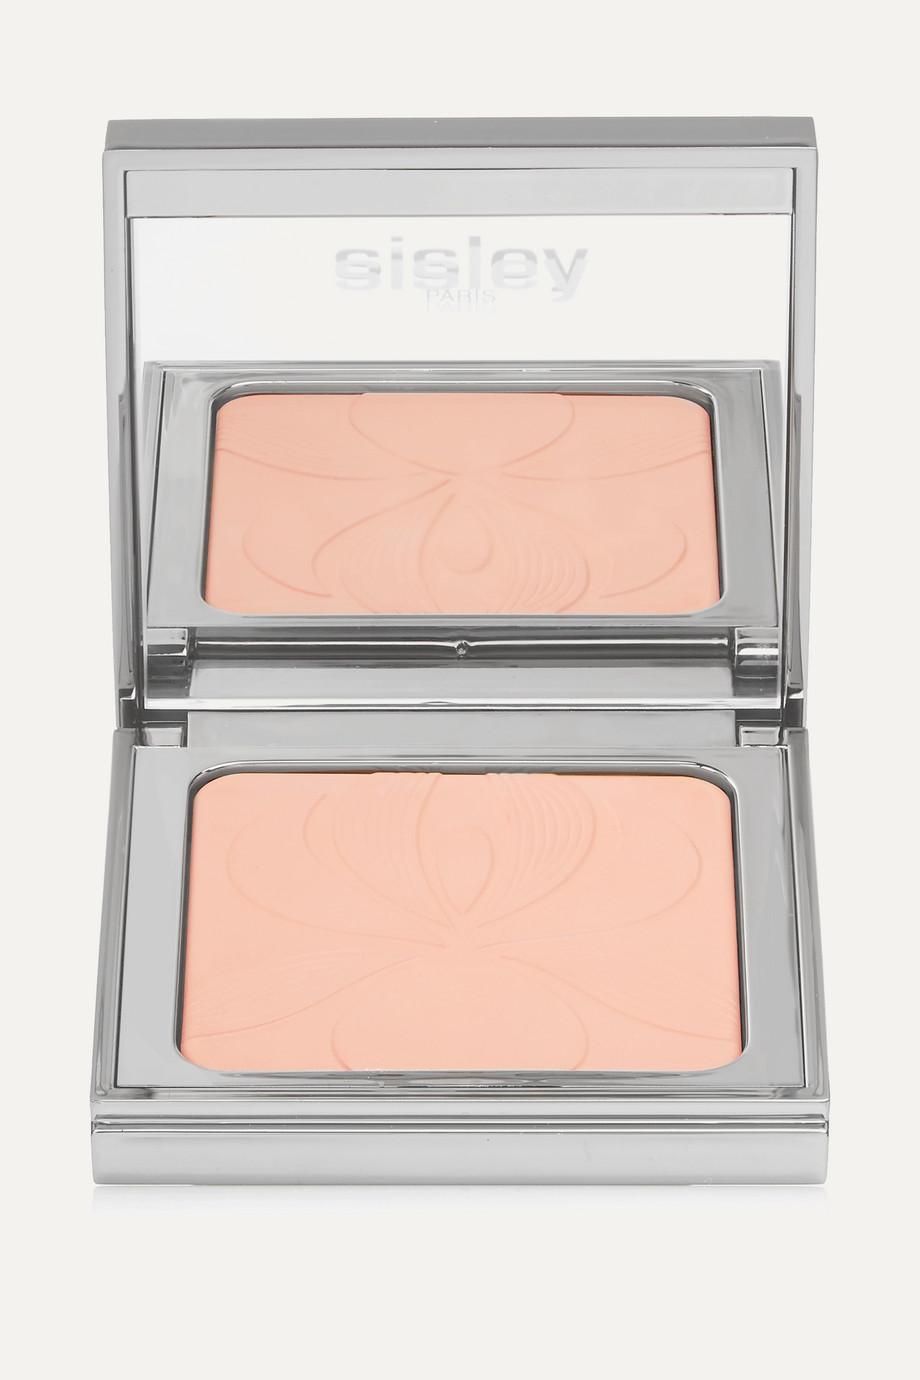 Sisley Voile poudre perfecteur lissant Blur Expert